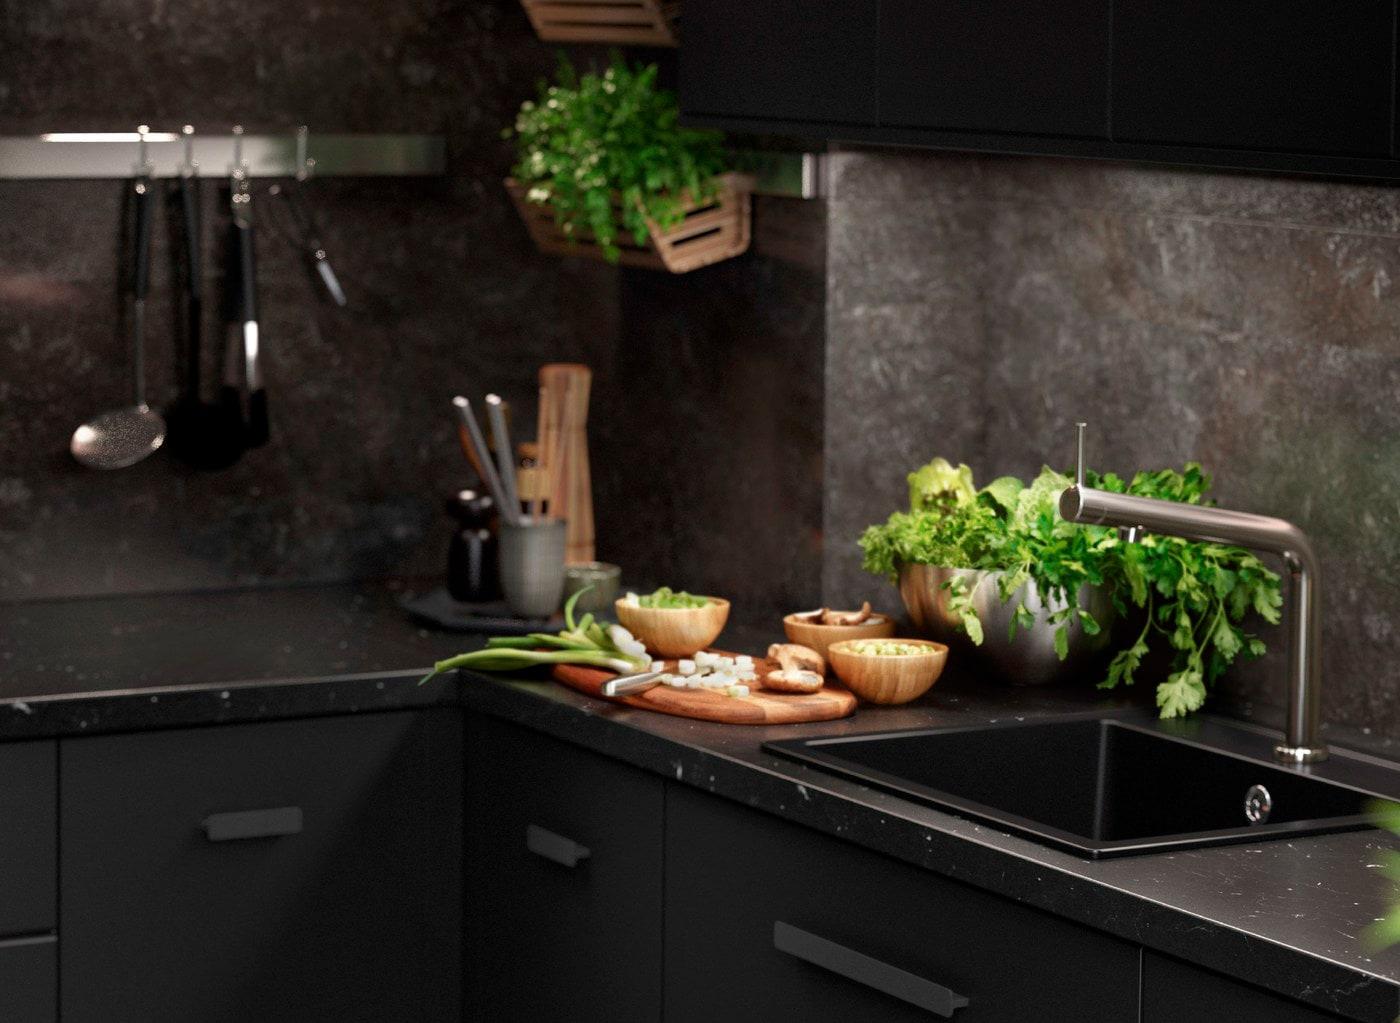 Černá kuchyně KUNGSBACKA s prvky inspirovanými mramorem s kuchyňským náčiním a čerstvými bylinkami.